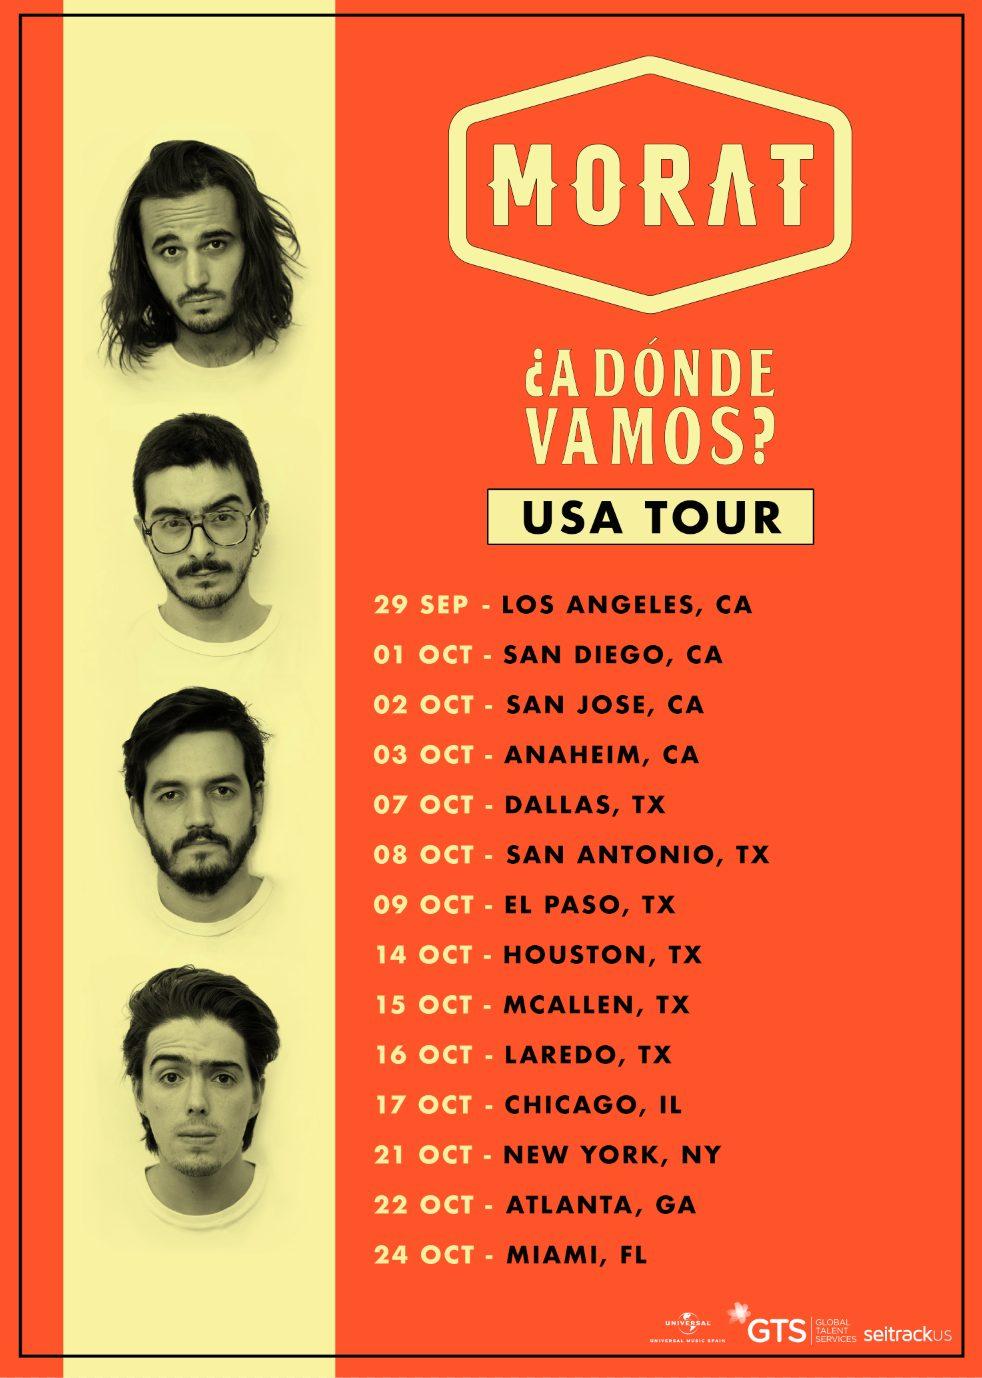 Morat anuncia las fechas de su gira ¿a dónde vamos? por Estados Unidos